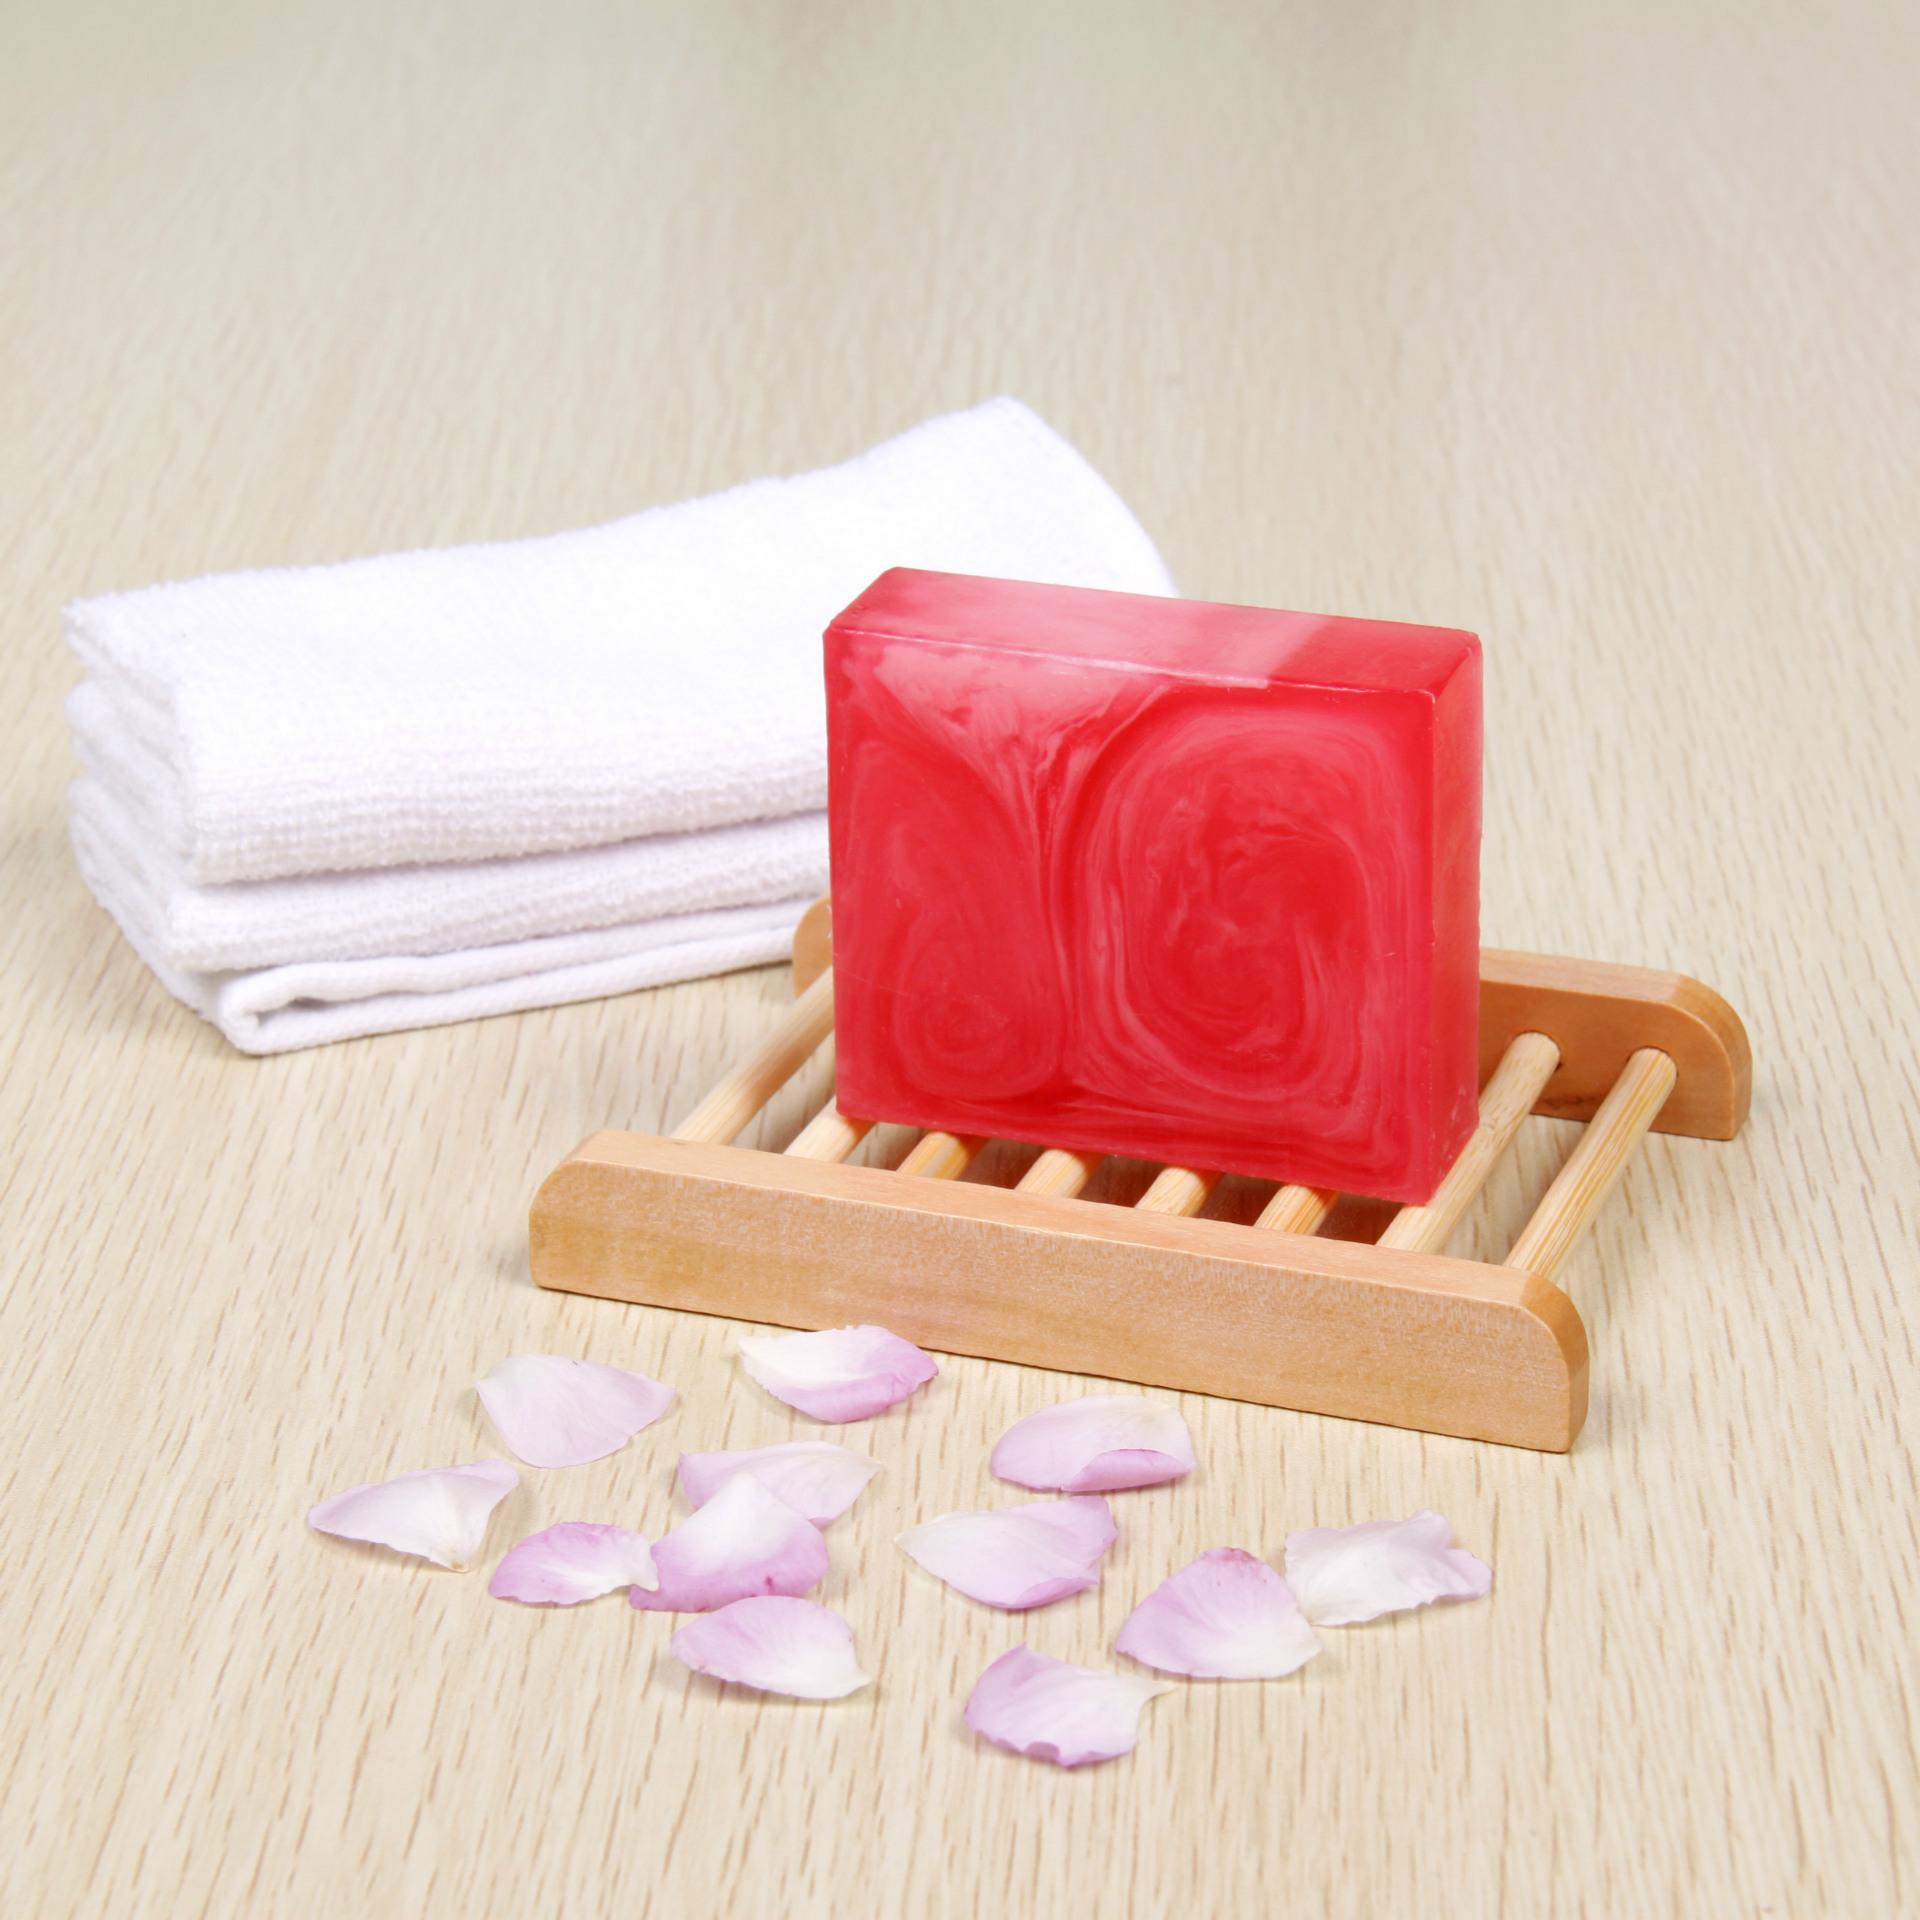 厂家直销保加利亚玫瑰植物手工肥皂保湿精油肥皂OEM定制加盟